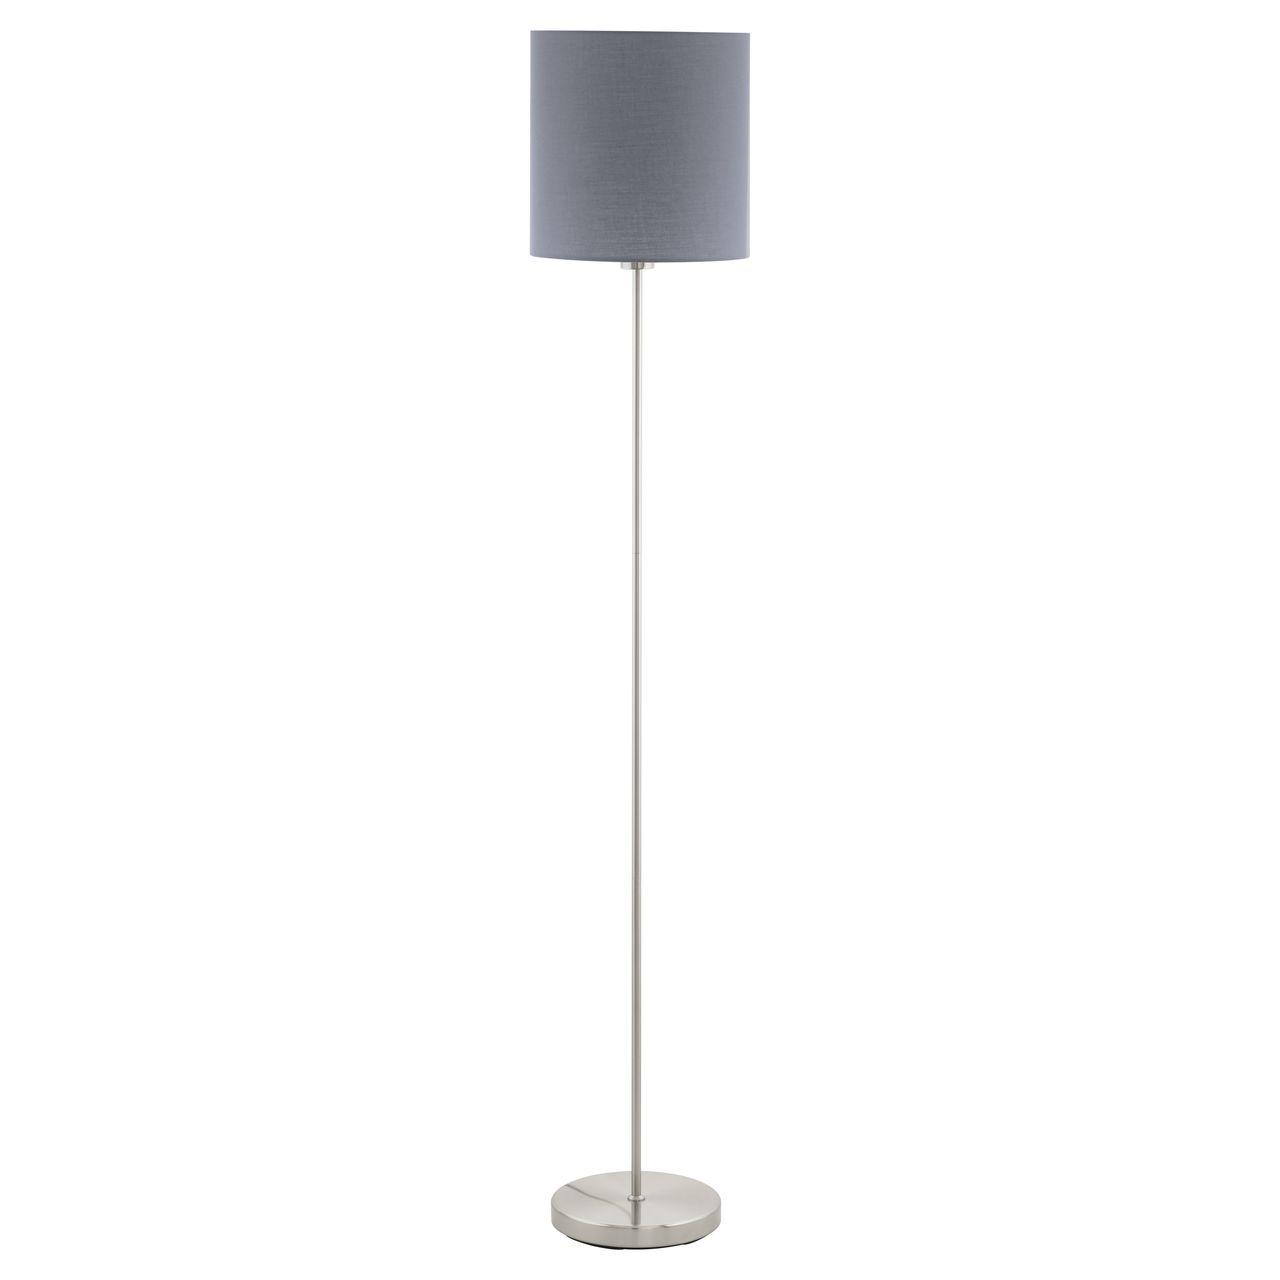 цена на Напольный светильник Eglo 95166, E27, 60 Вт